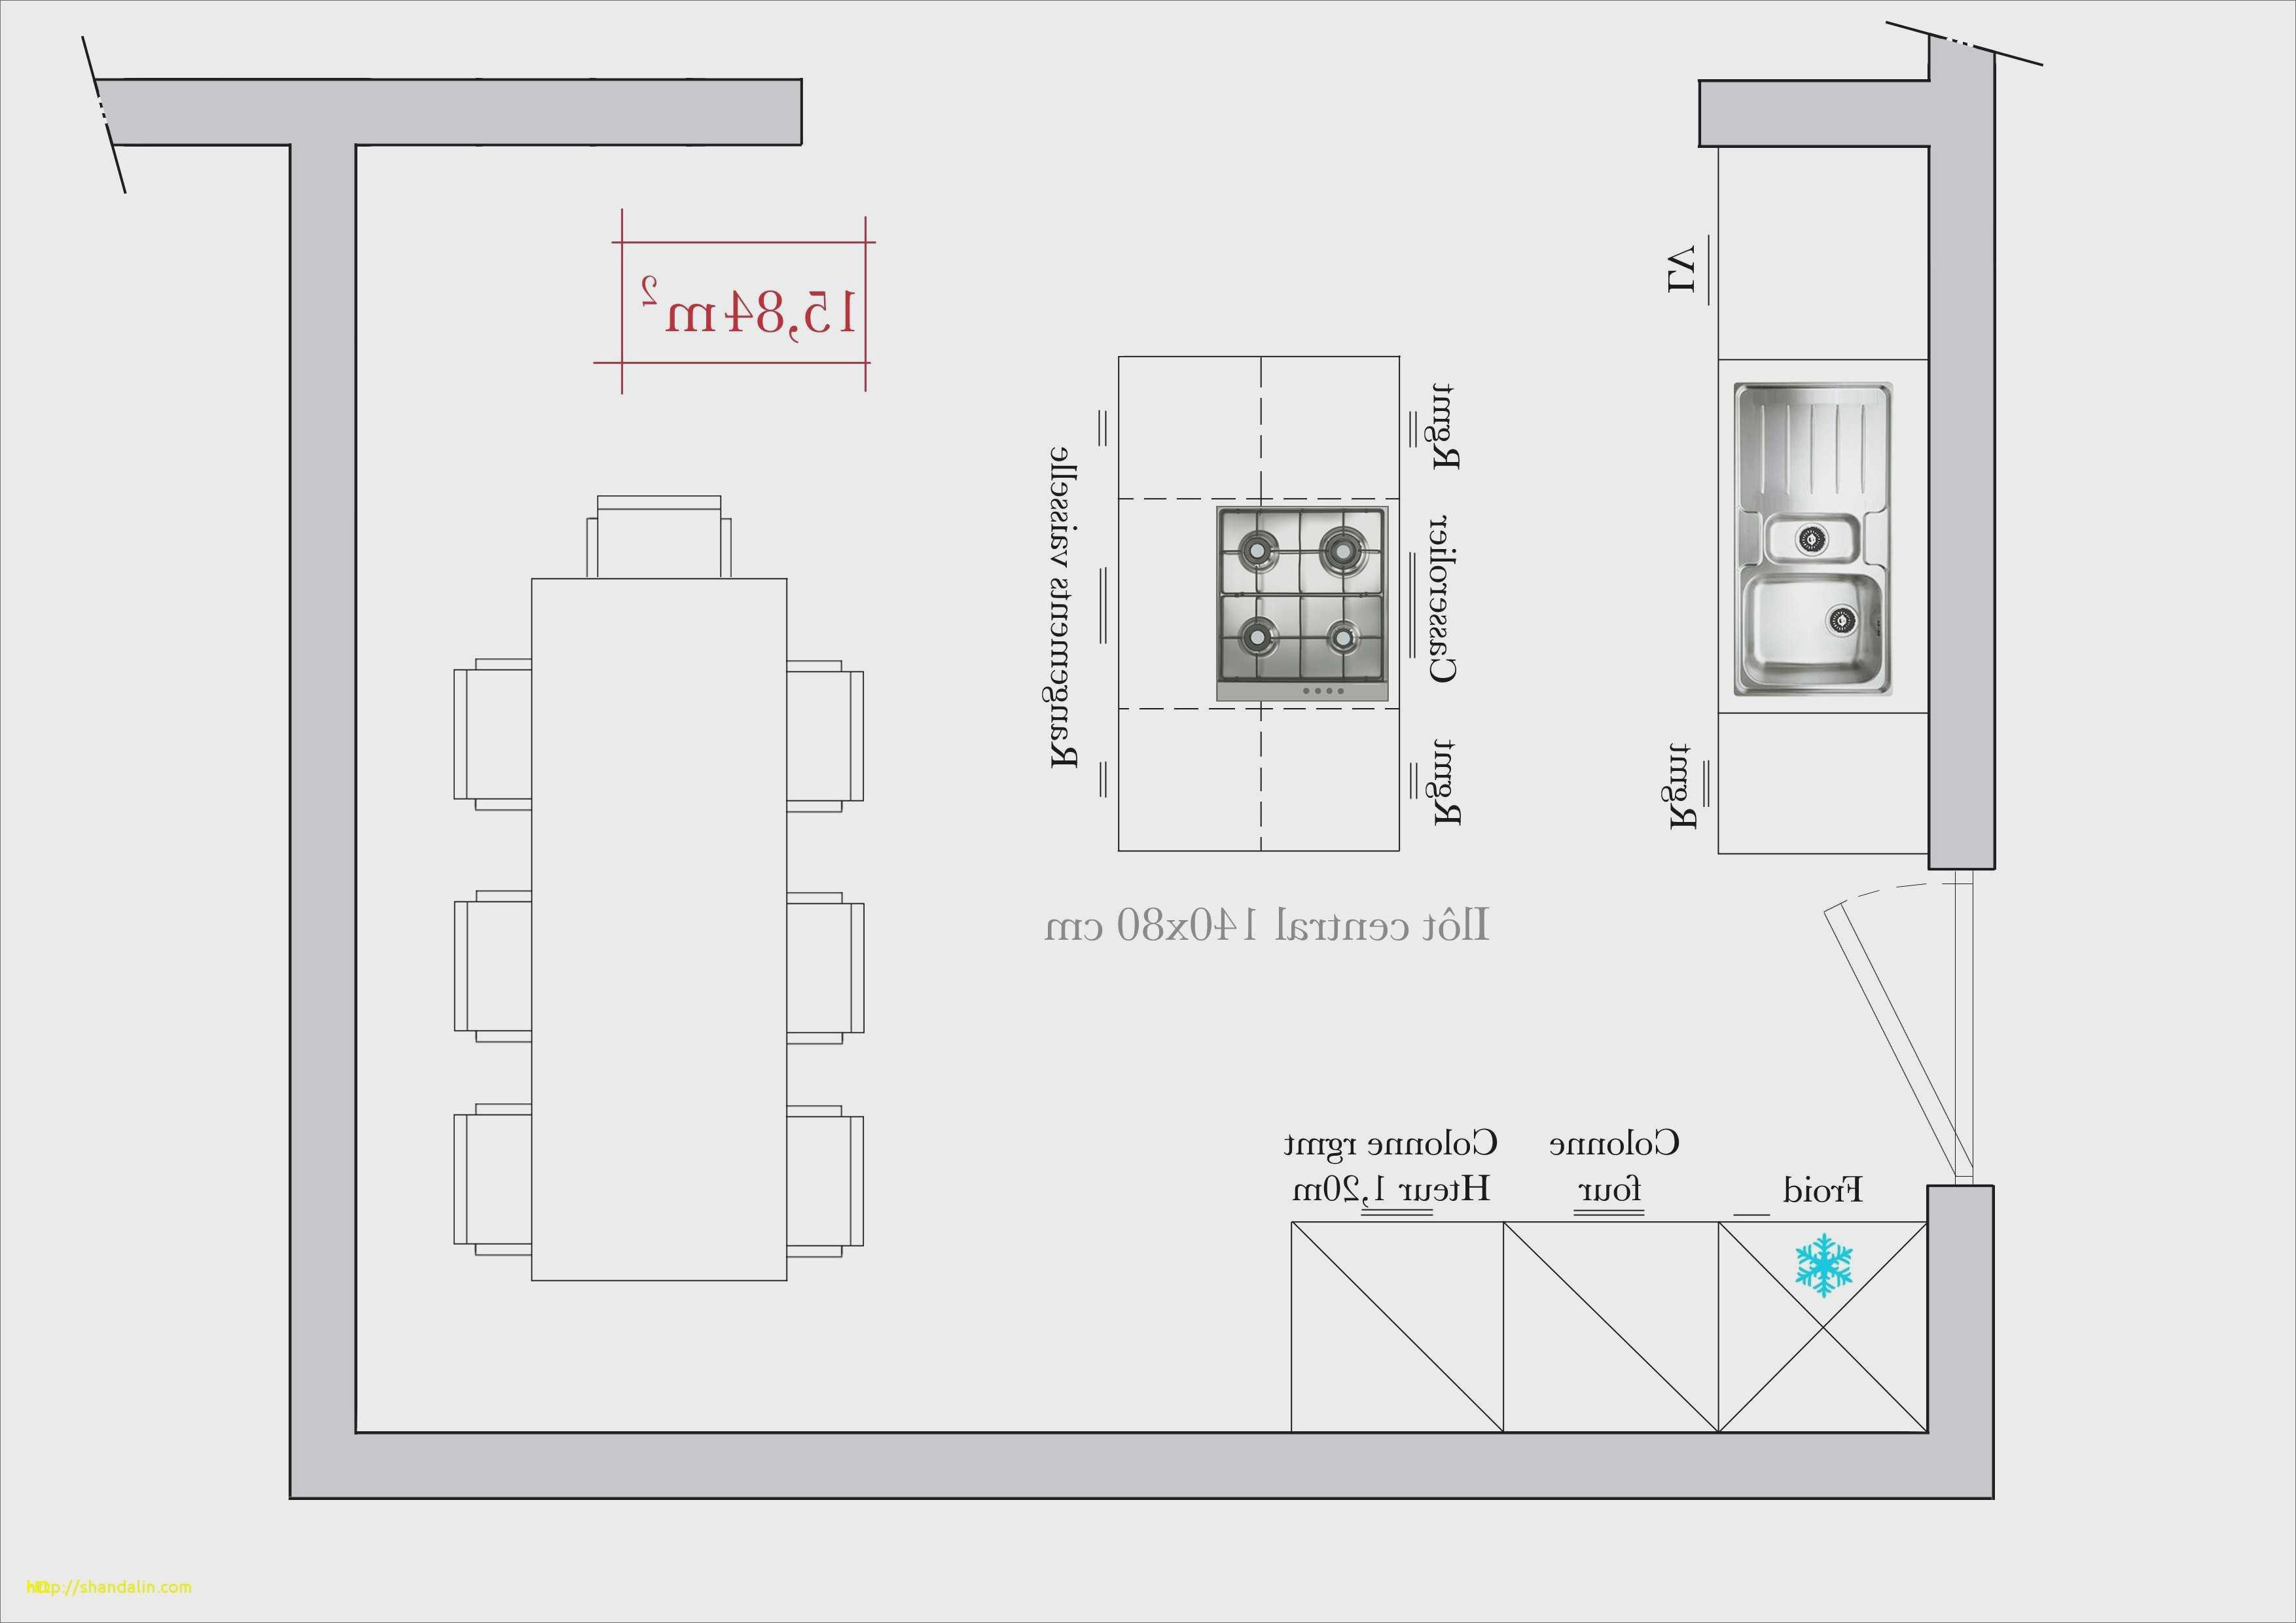 Plan de travail cuisine norme lille maison - Norme hauteur plan de travail cuisine ...